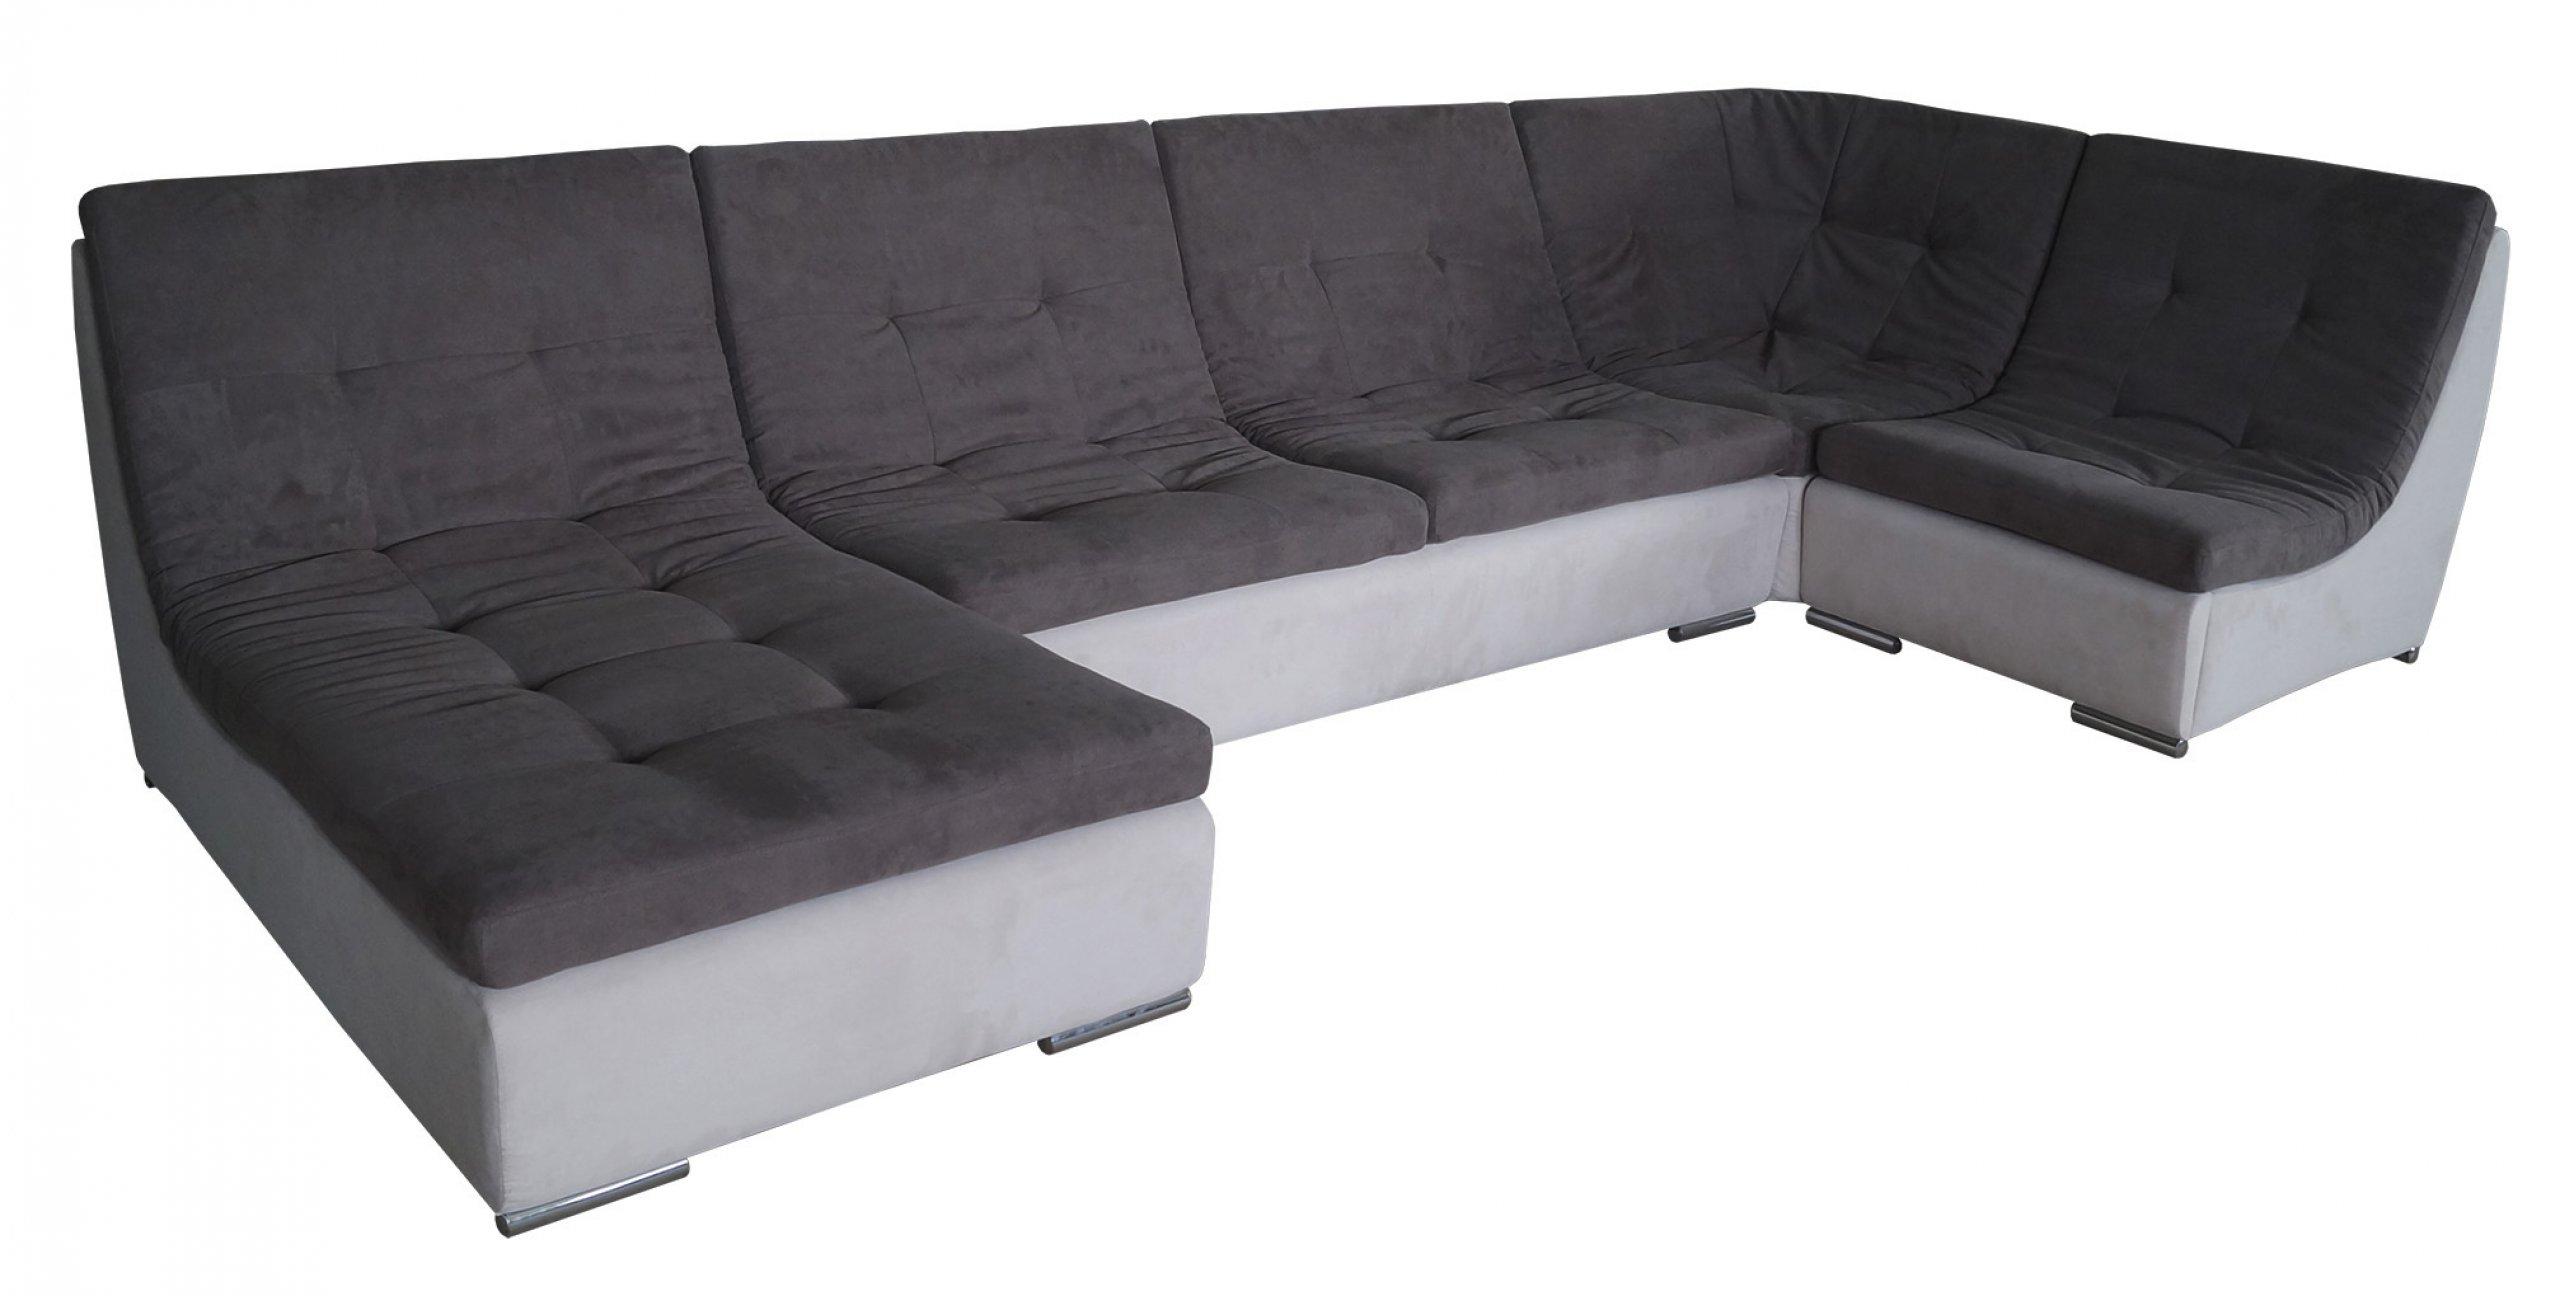 купить модульные диваны в украине цены от Divaniua